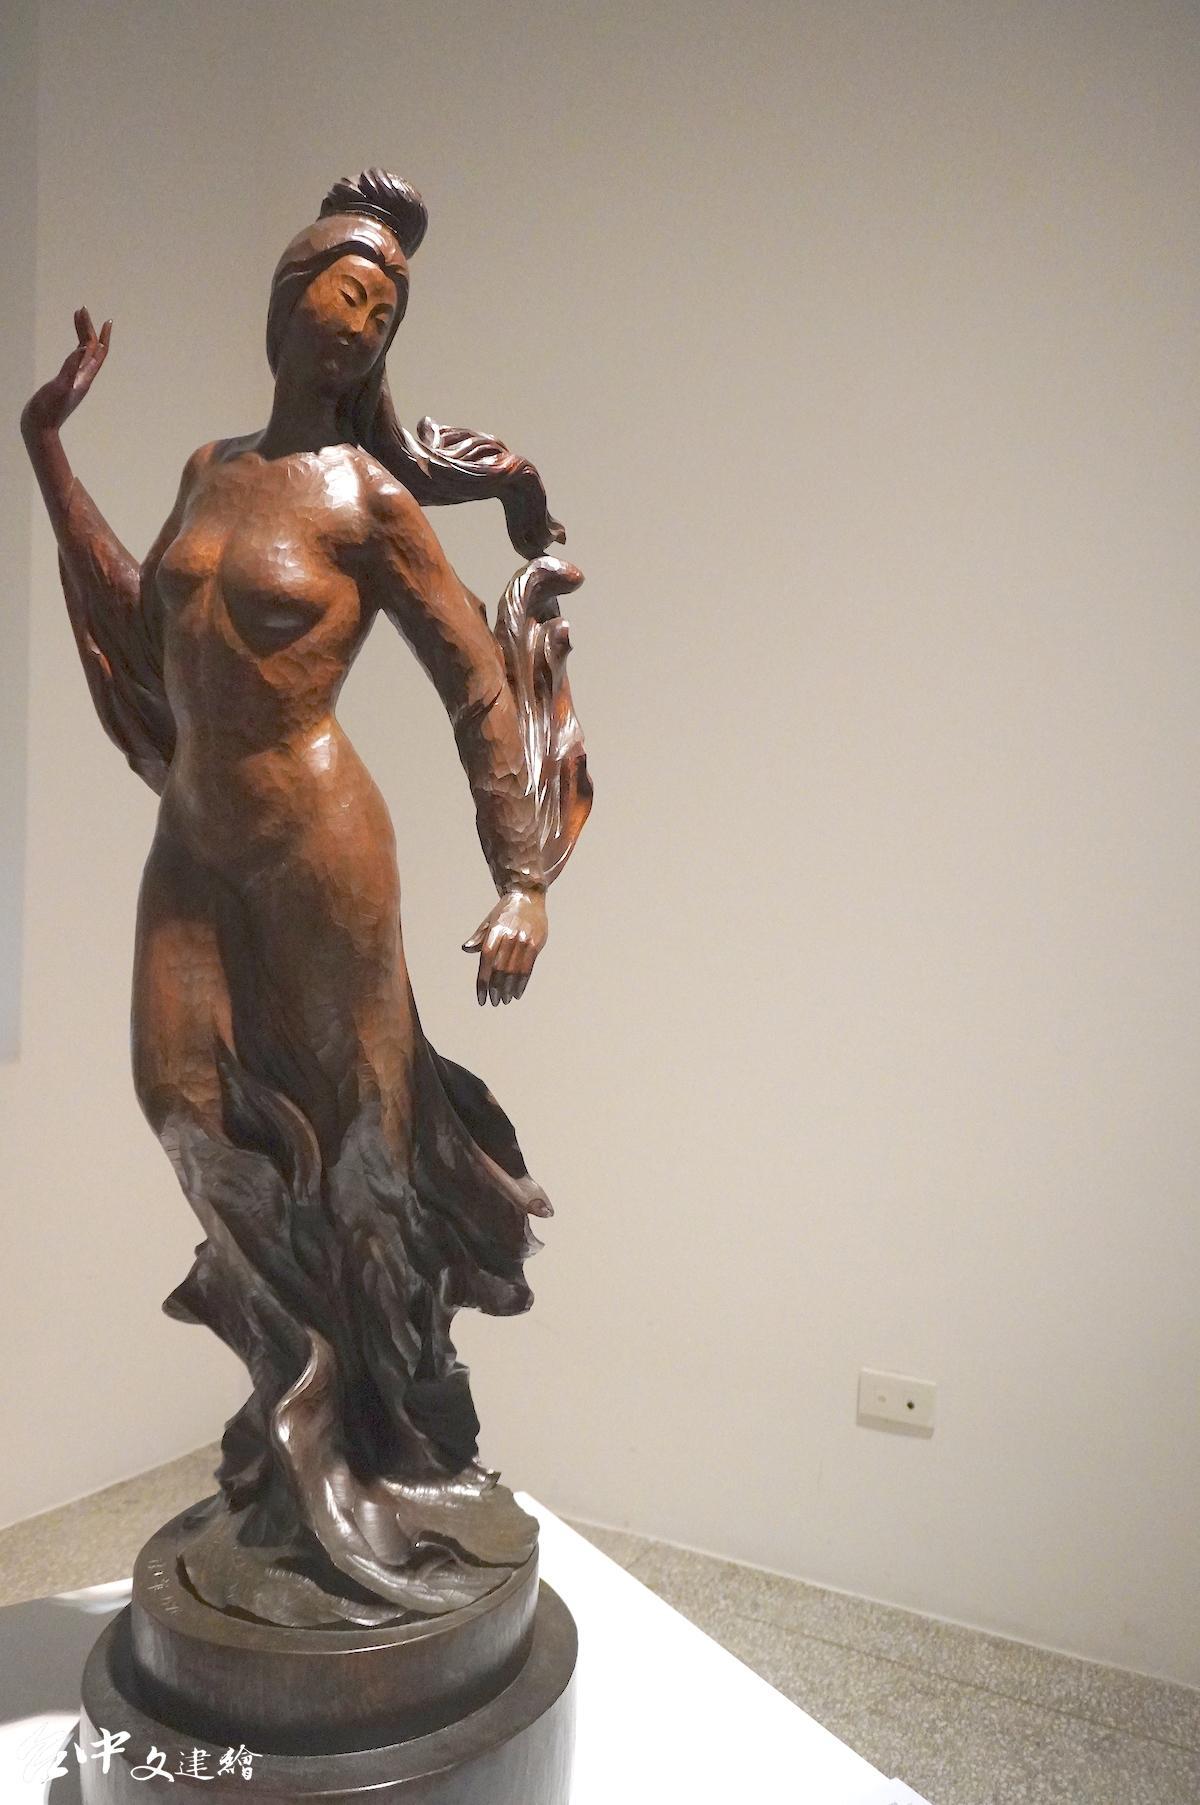 陳正雄送給妻子的禮物〈奔月〉,雕刻—牛樟,41X41X132 公分,1976。(圖:謝平平)